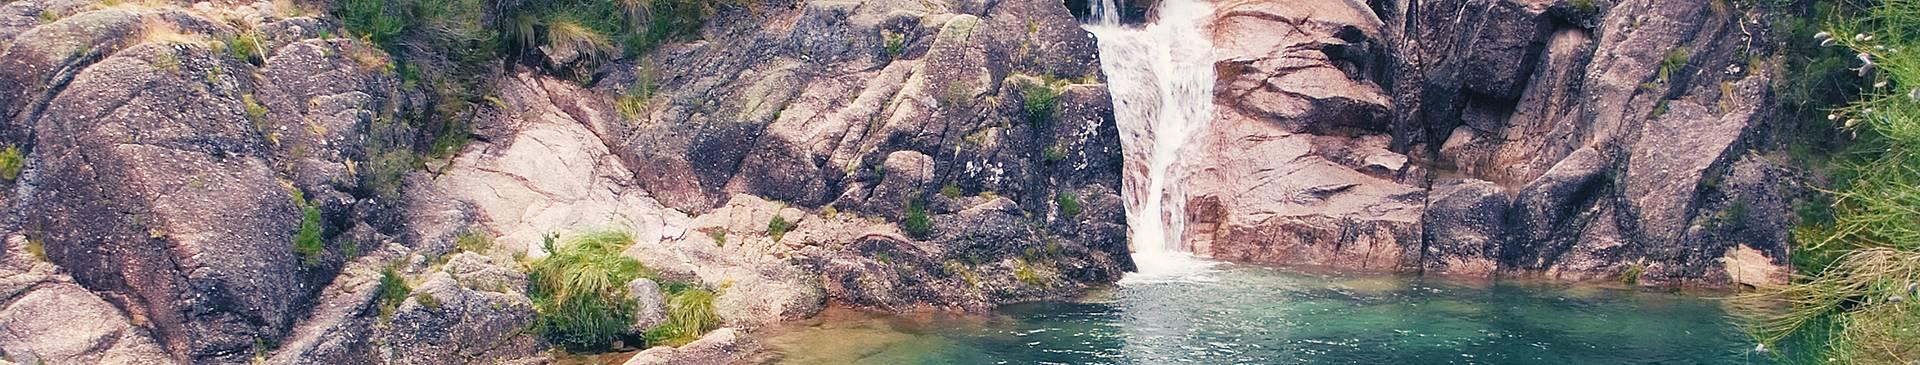 Vacances nature & Séjours au vert